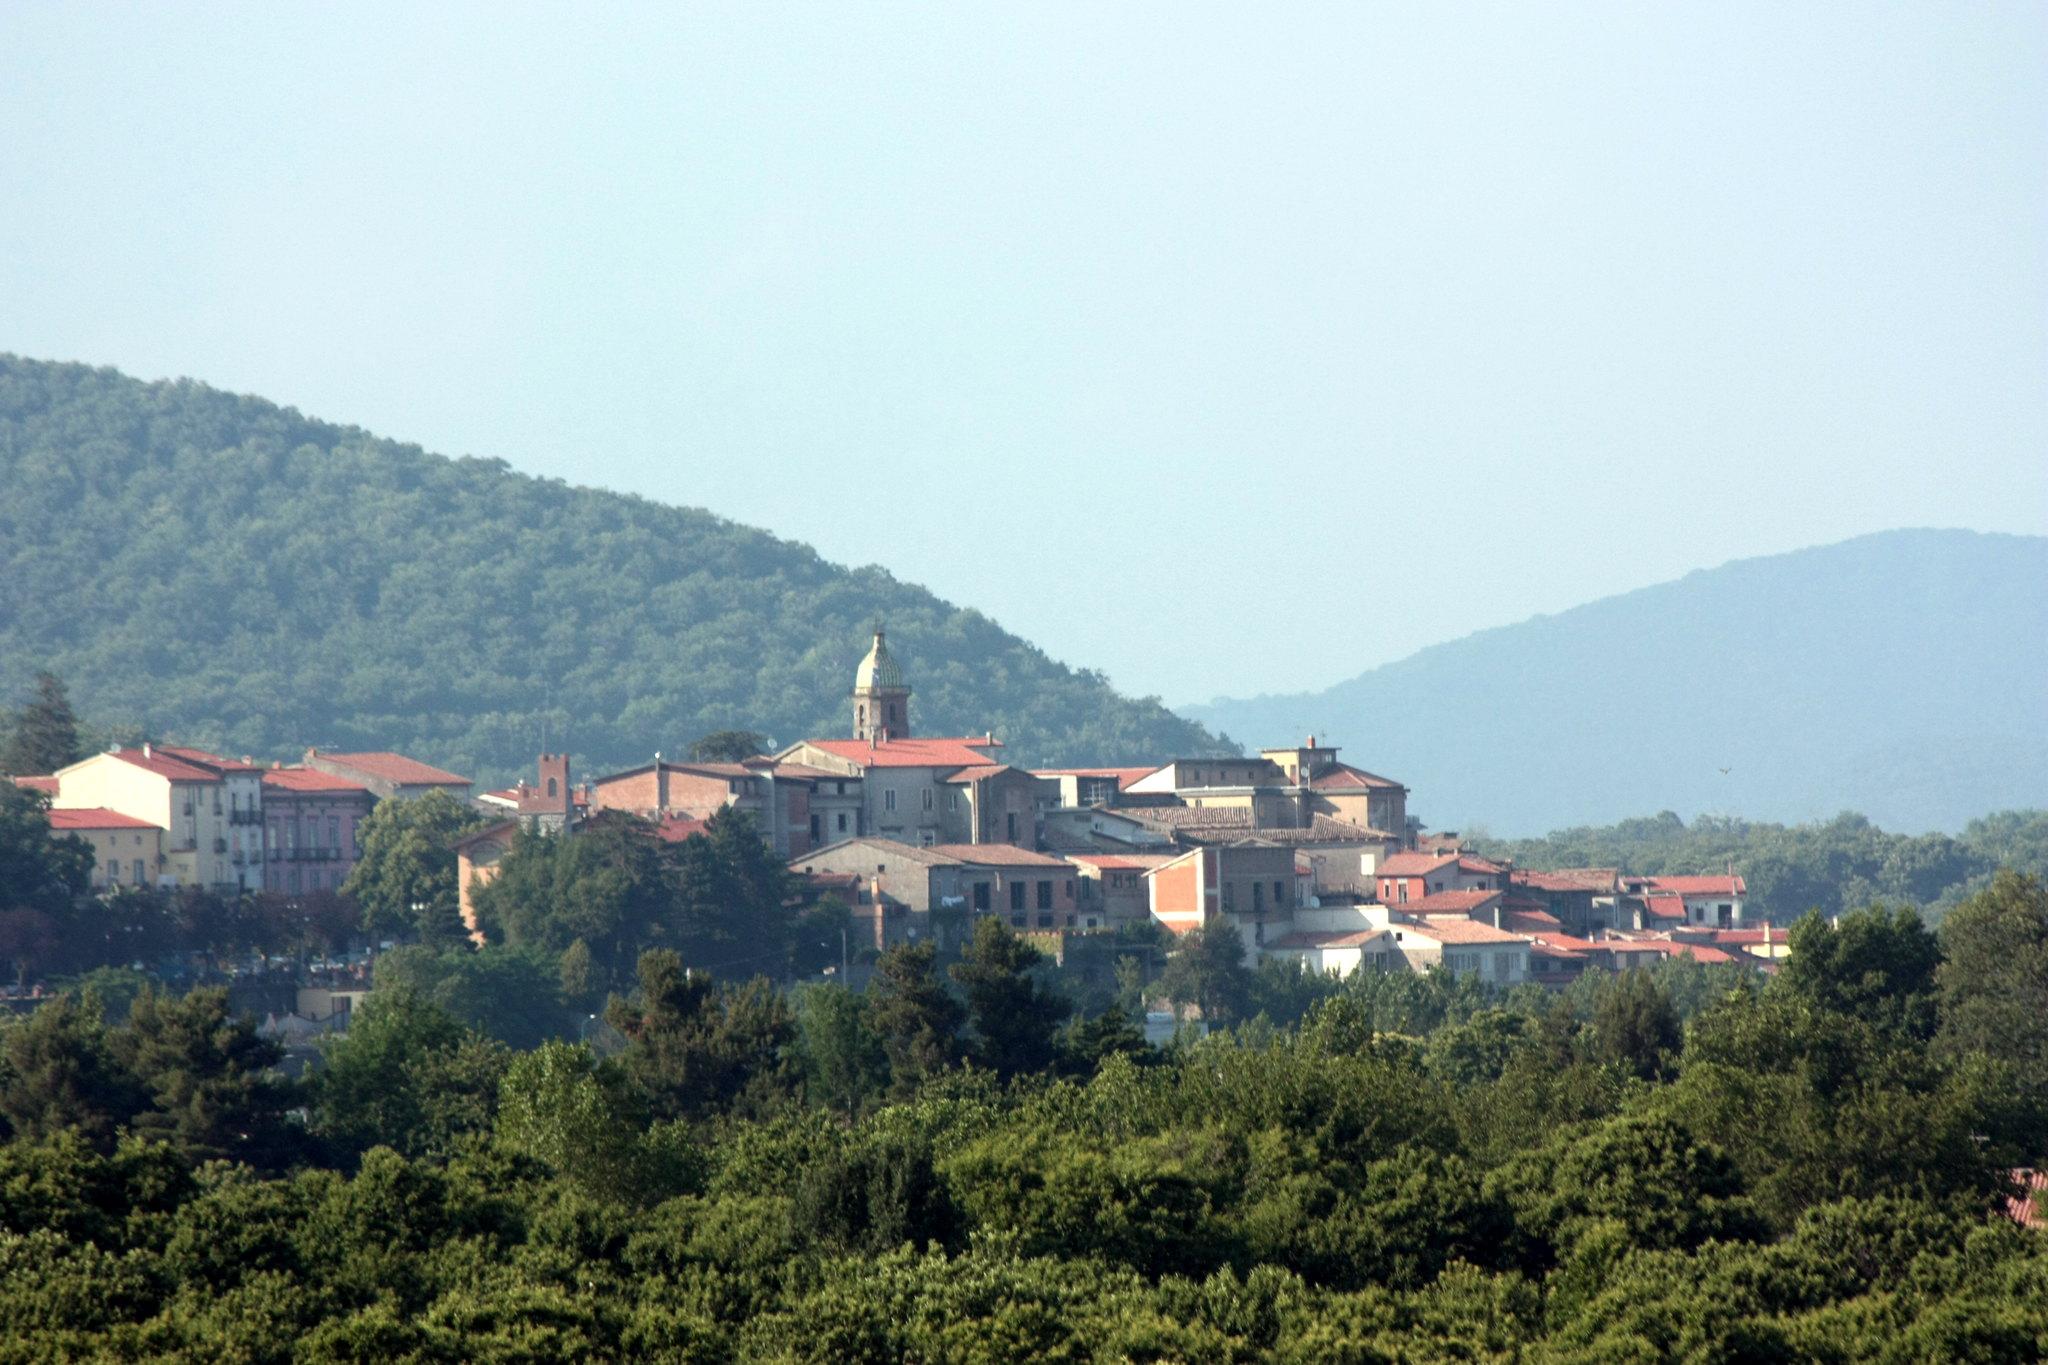 Sagra della castagna 2019 in Campania